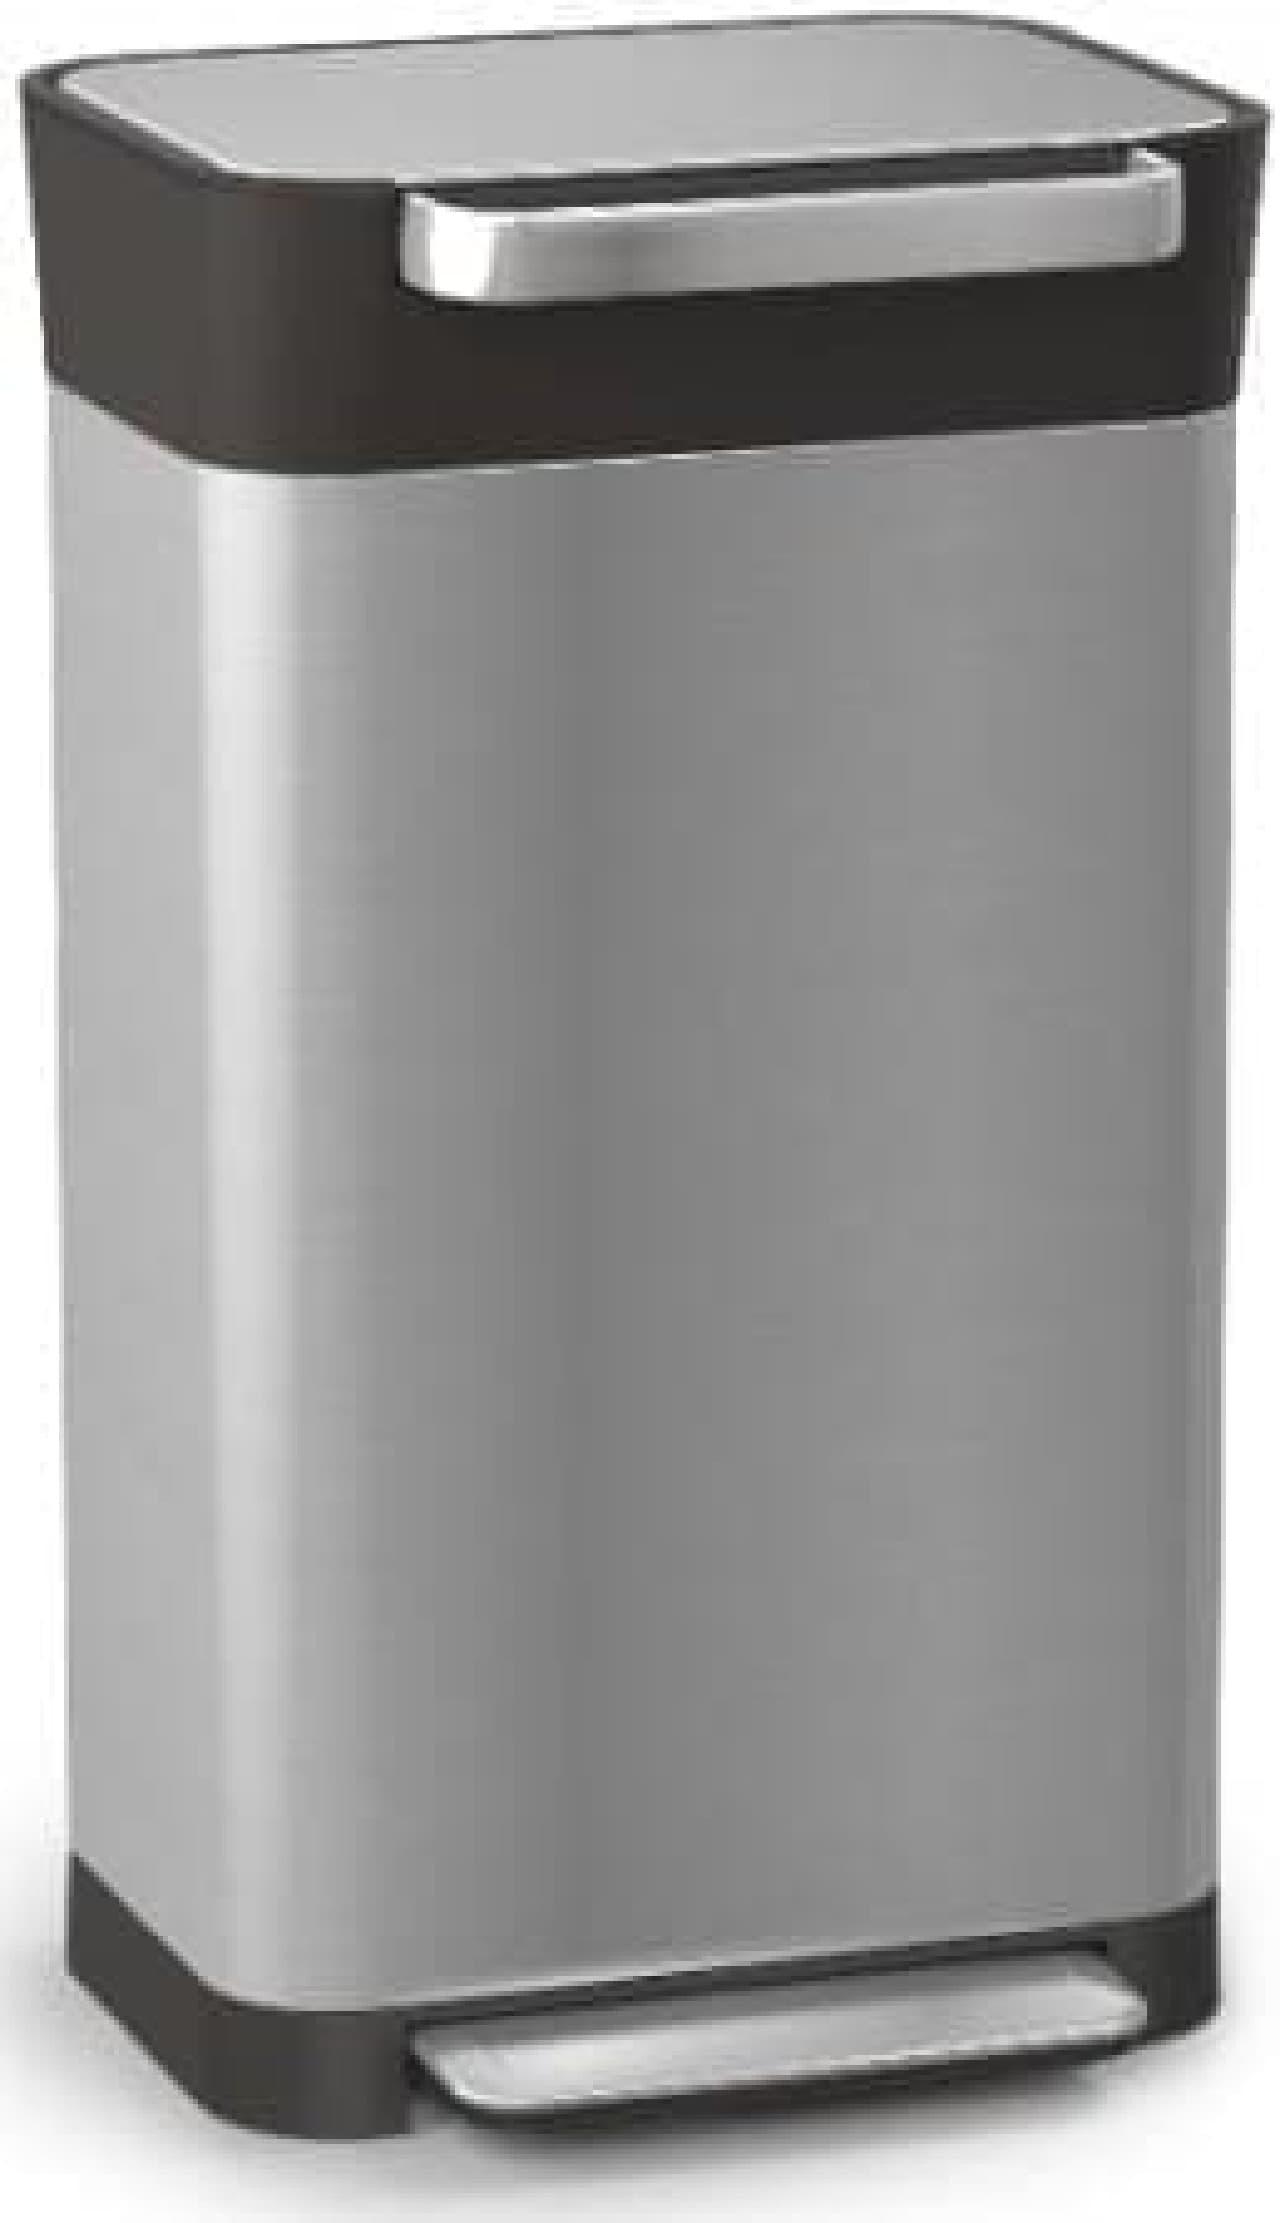 Joseph Josephゴミを圧縮できるゴミ箱